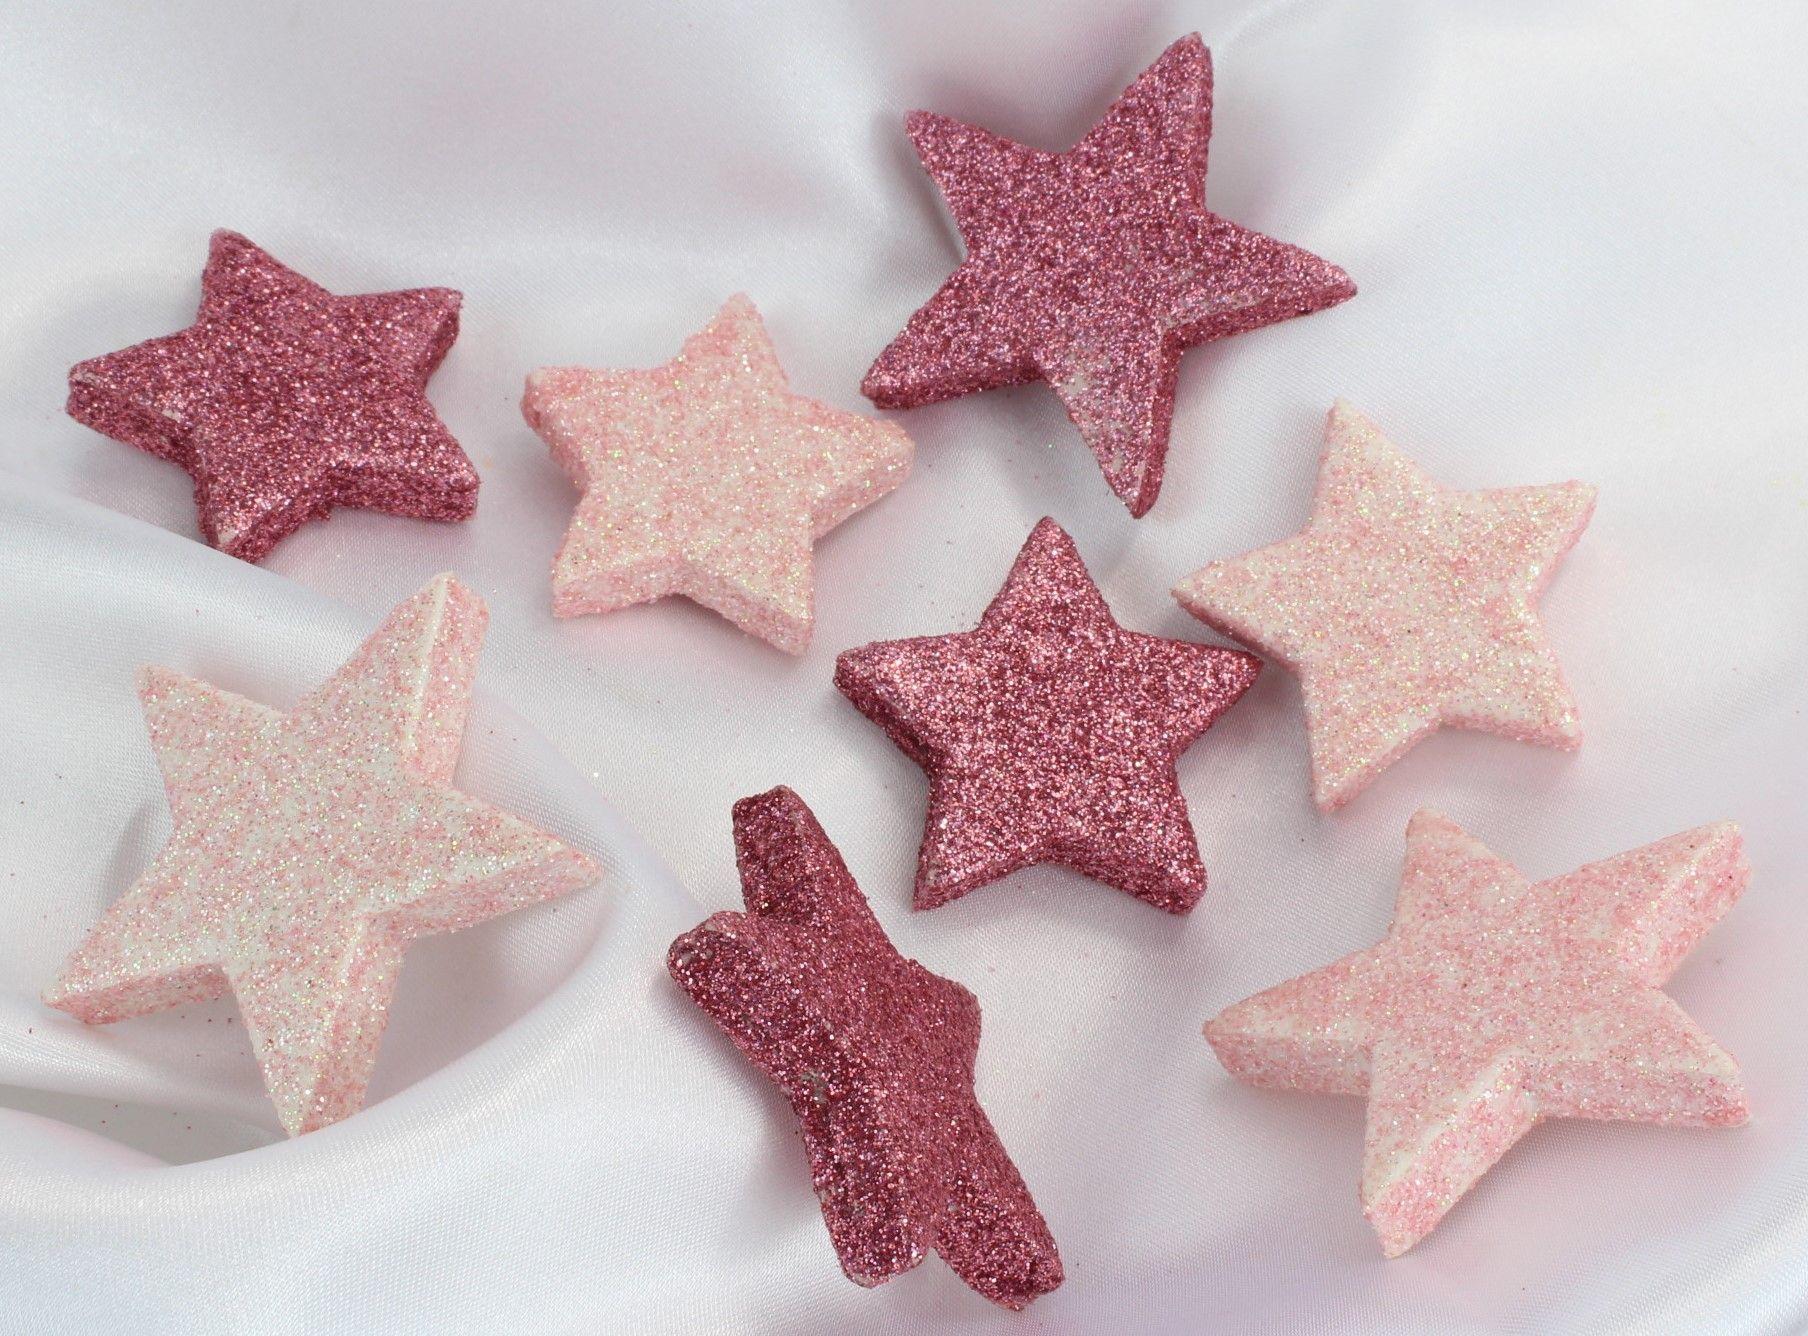 Rosa Weihnachtsdeko.Weihnachtsdeko 8 Glitzersterne In Hellrosa Oder Dunkelrosa Streudeko